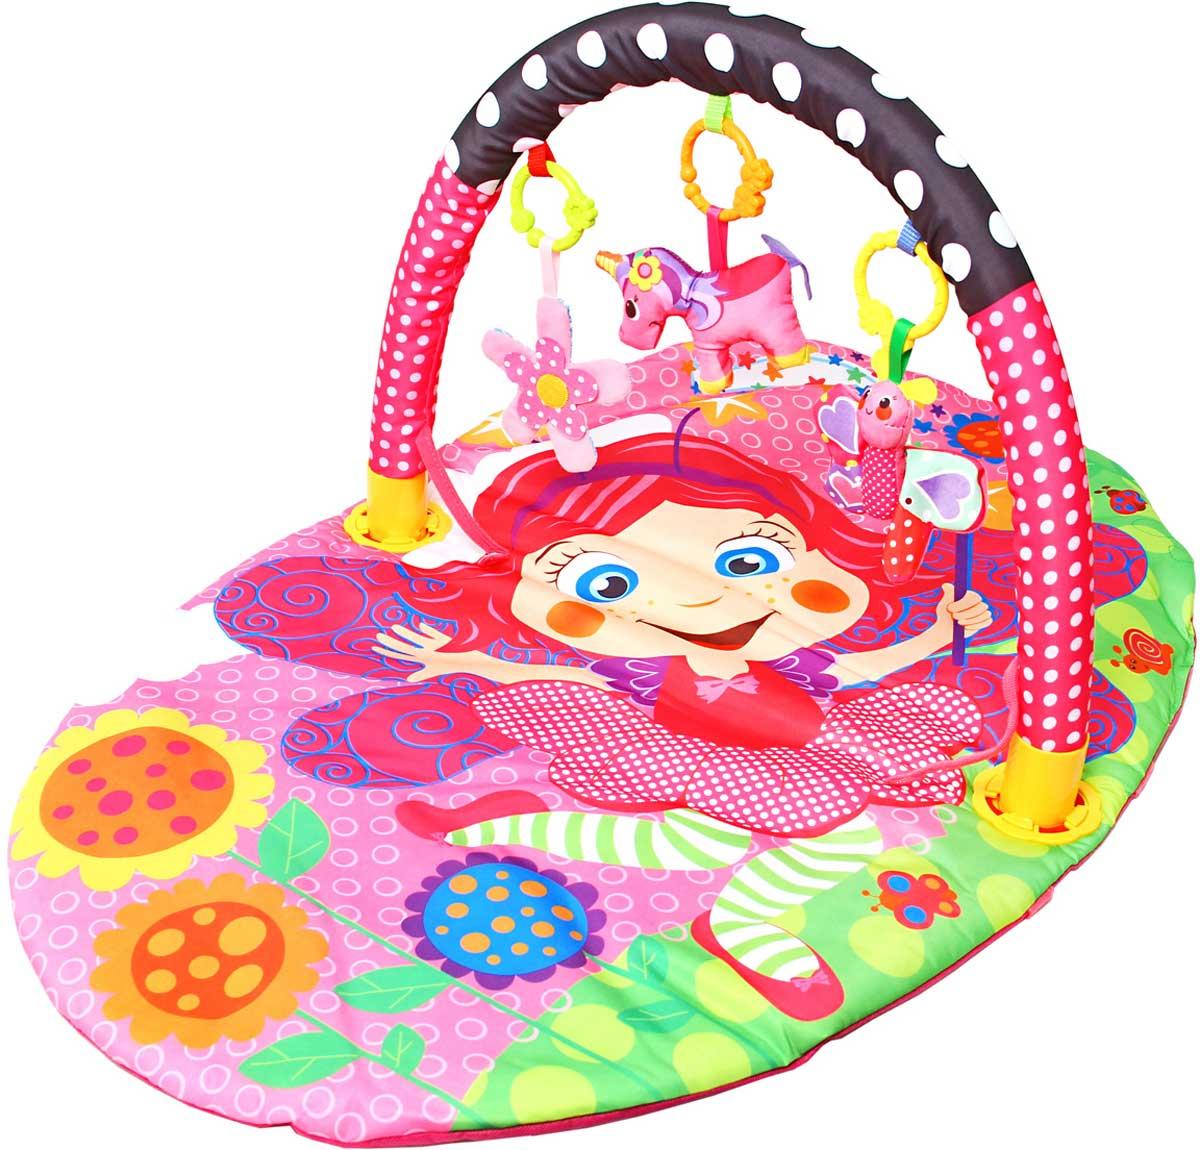 Ути-Пути Развивающий коврик Цветочная принцесса шезлонги детские ути пути шезлонг веселый динозаврик